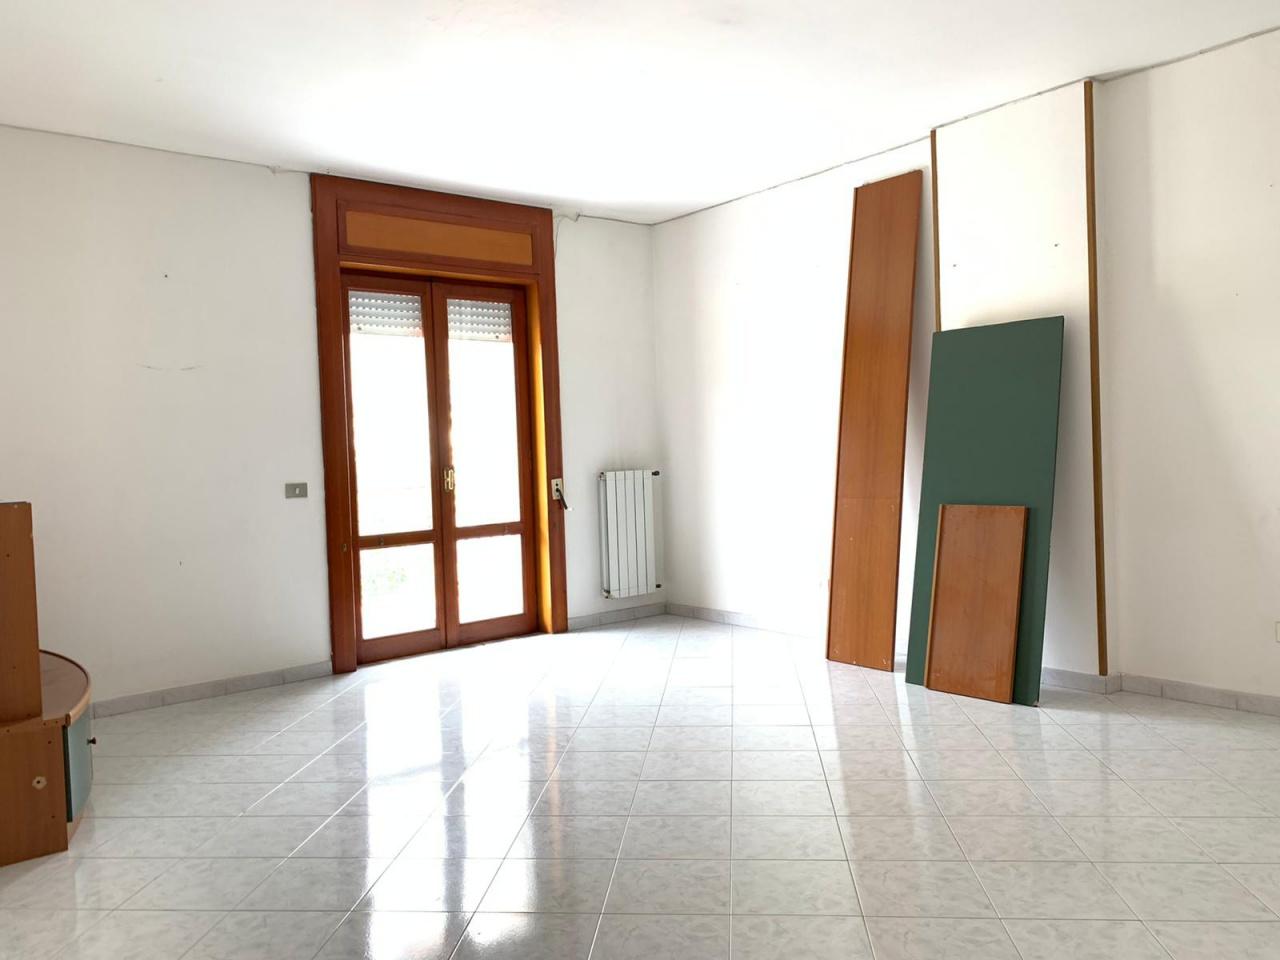 Appartamento, 0, Vendita - Marigliano